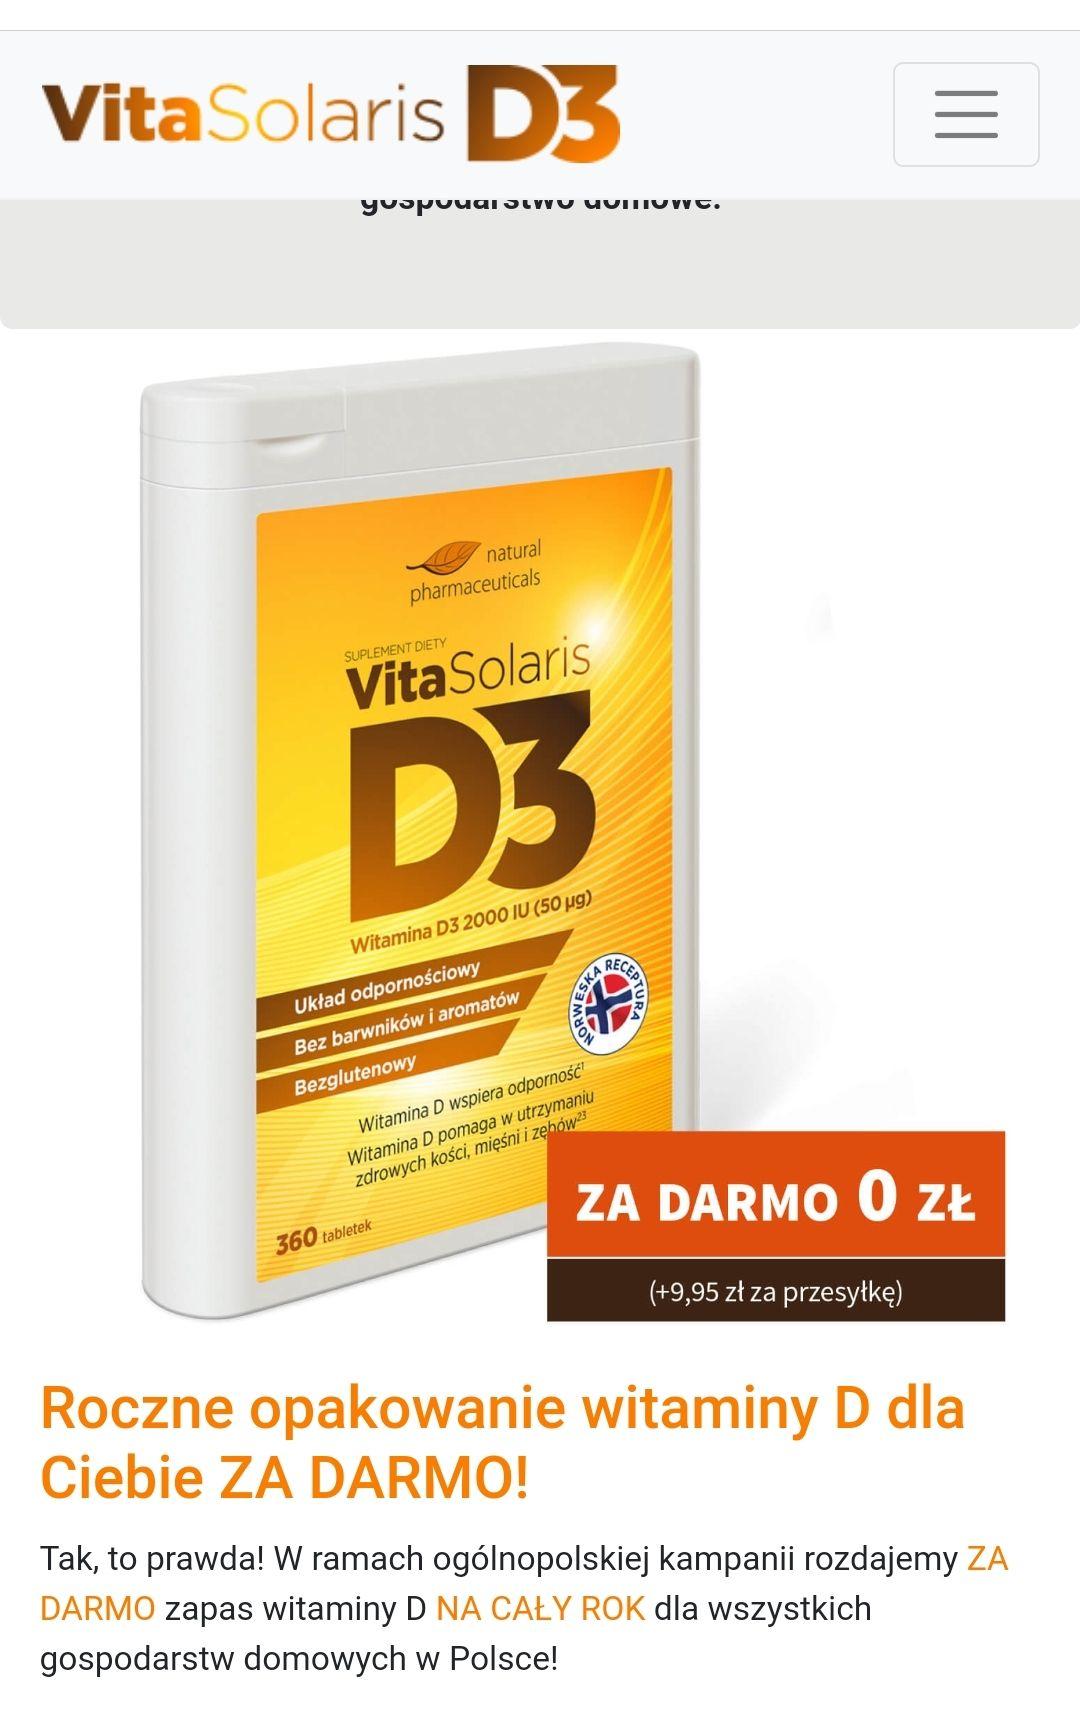 Vita Solaris D3- Darmowy zestaw tabletek na cały rok !